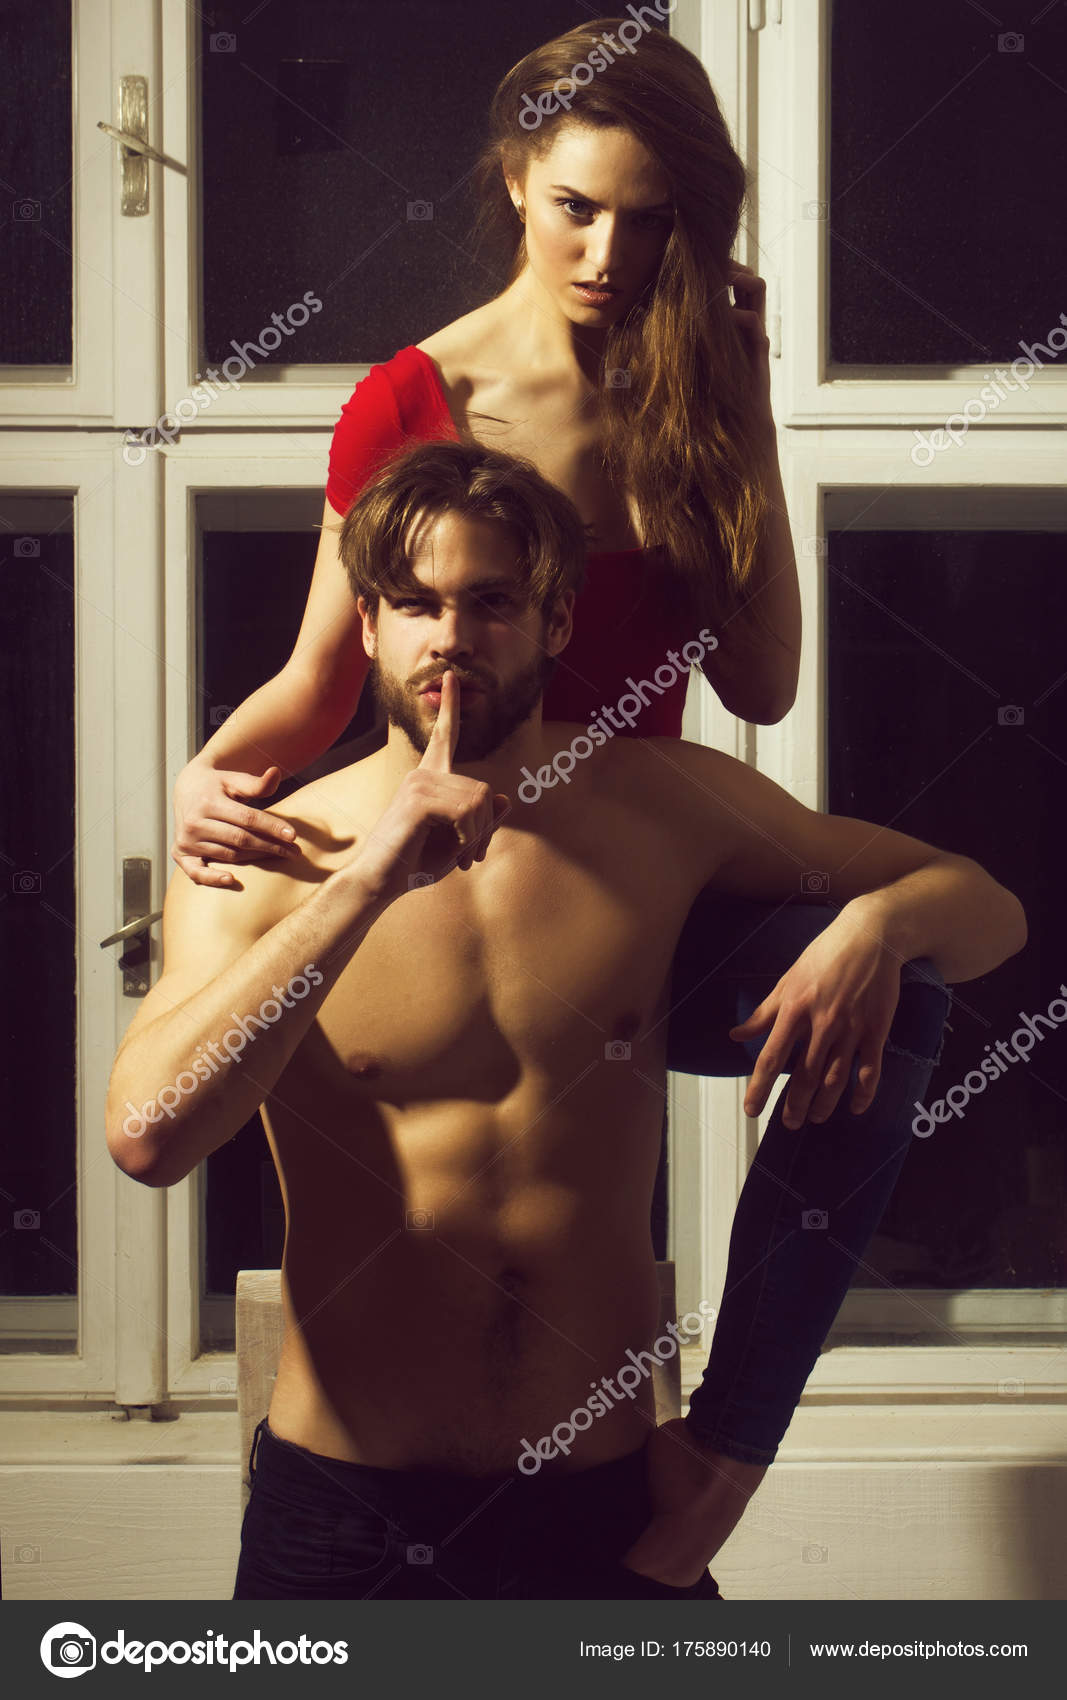 porno-kak-kulturist-v-sekse-zhenshini-gostinitse-zagruz